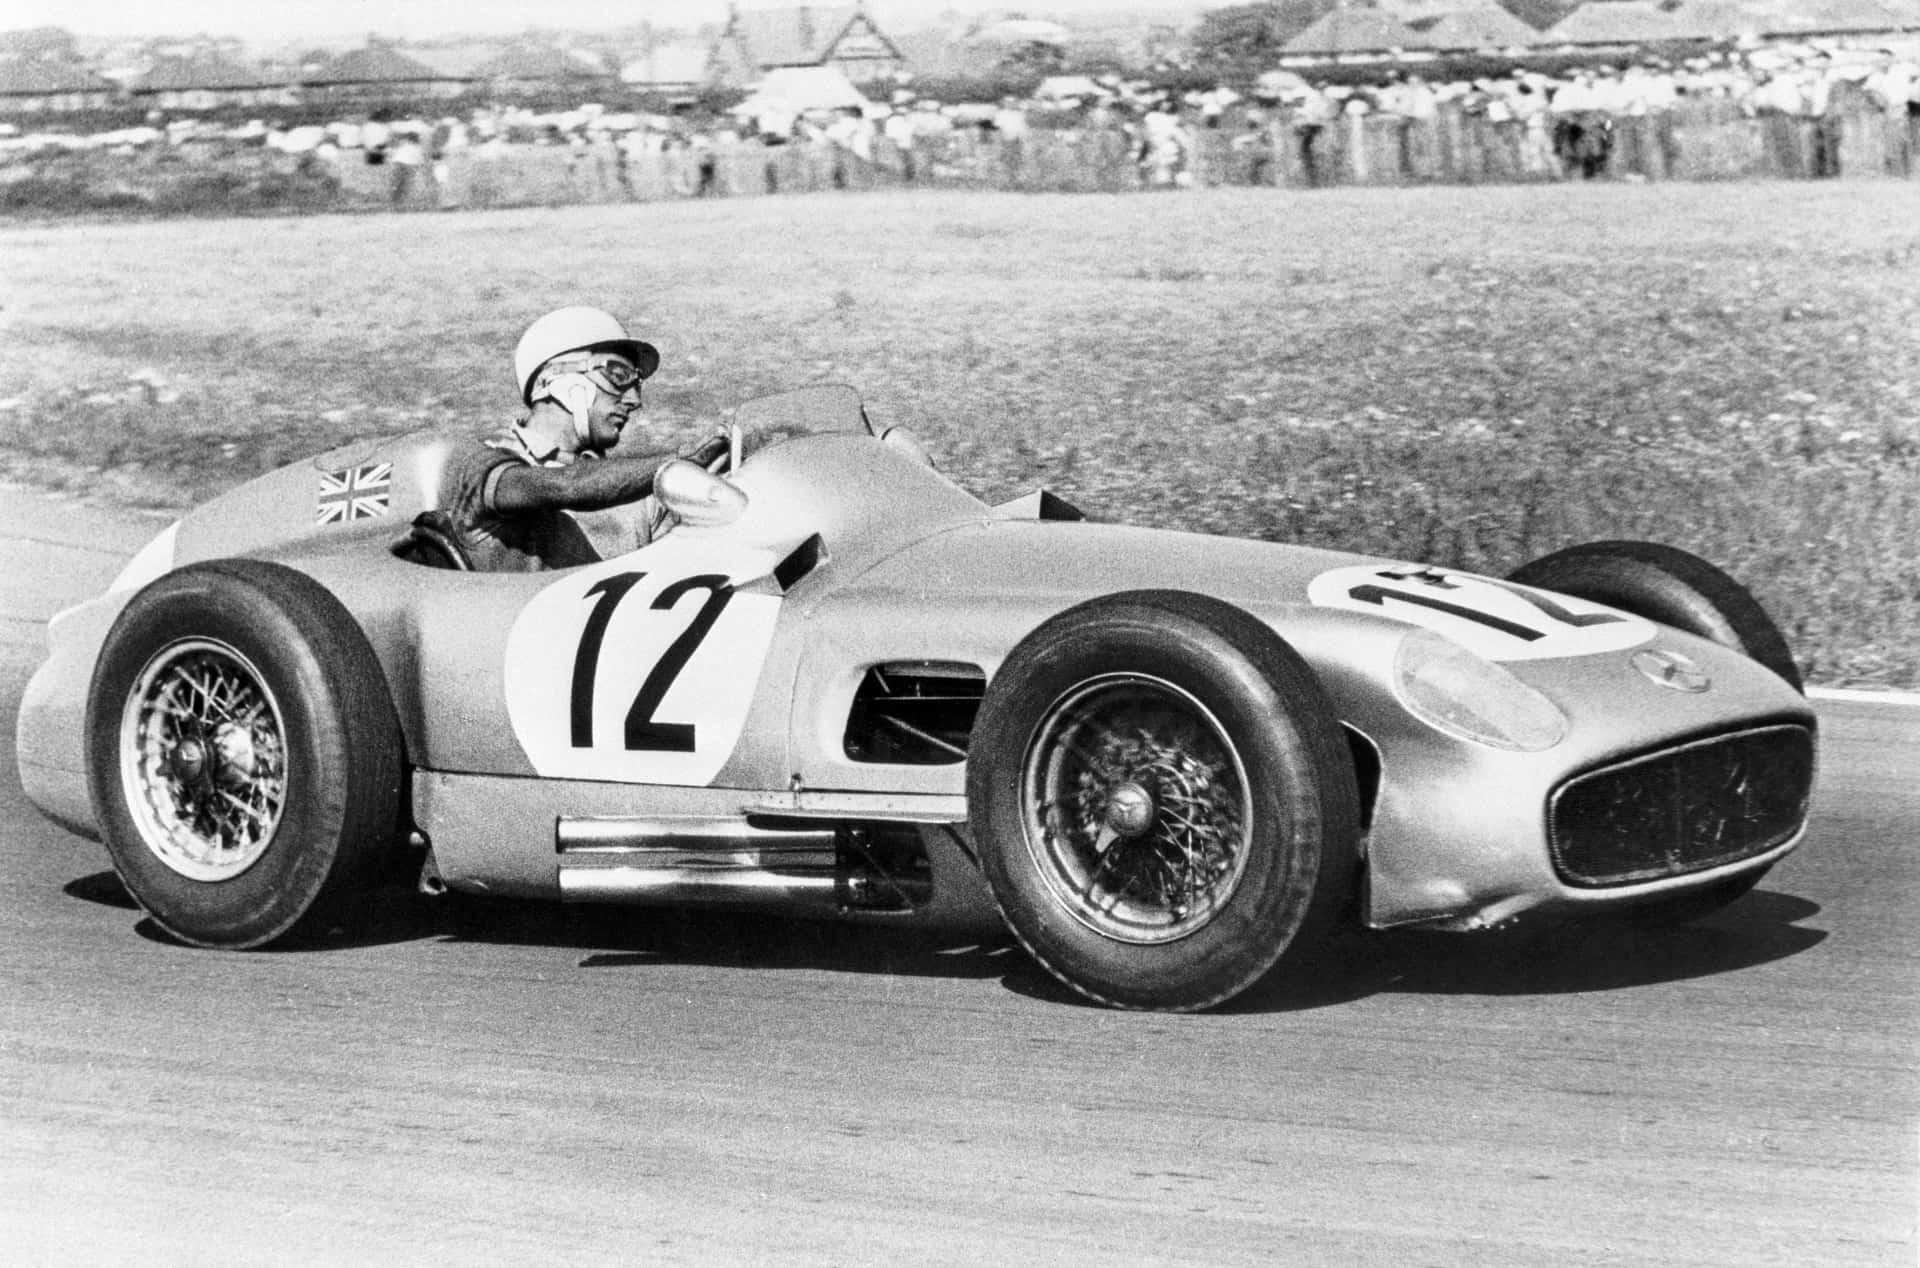 Großer Preis von Großbritannien in Aintree am 16. Juli 1955: Stirling Moss gewinnt das Rennen auf Mercedes-Benz Formel-1-Rennwagen W 196 R. Es ist der erste Sieg eines britischen Rennfahrers in diesem Grand Prix.